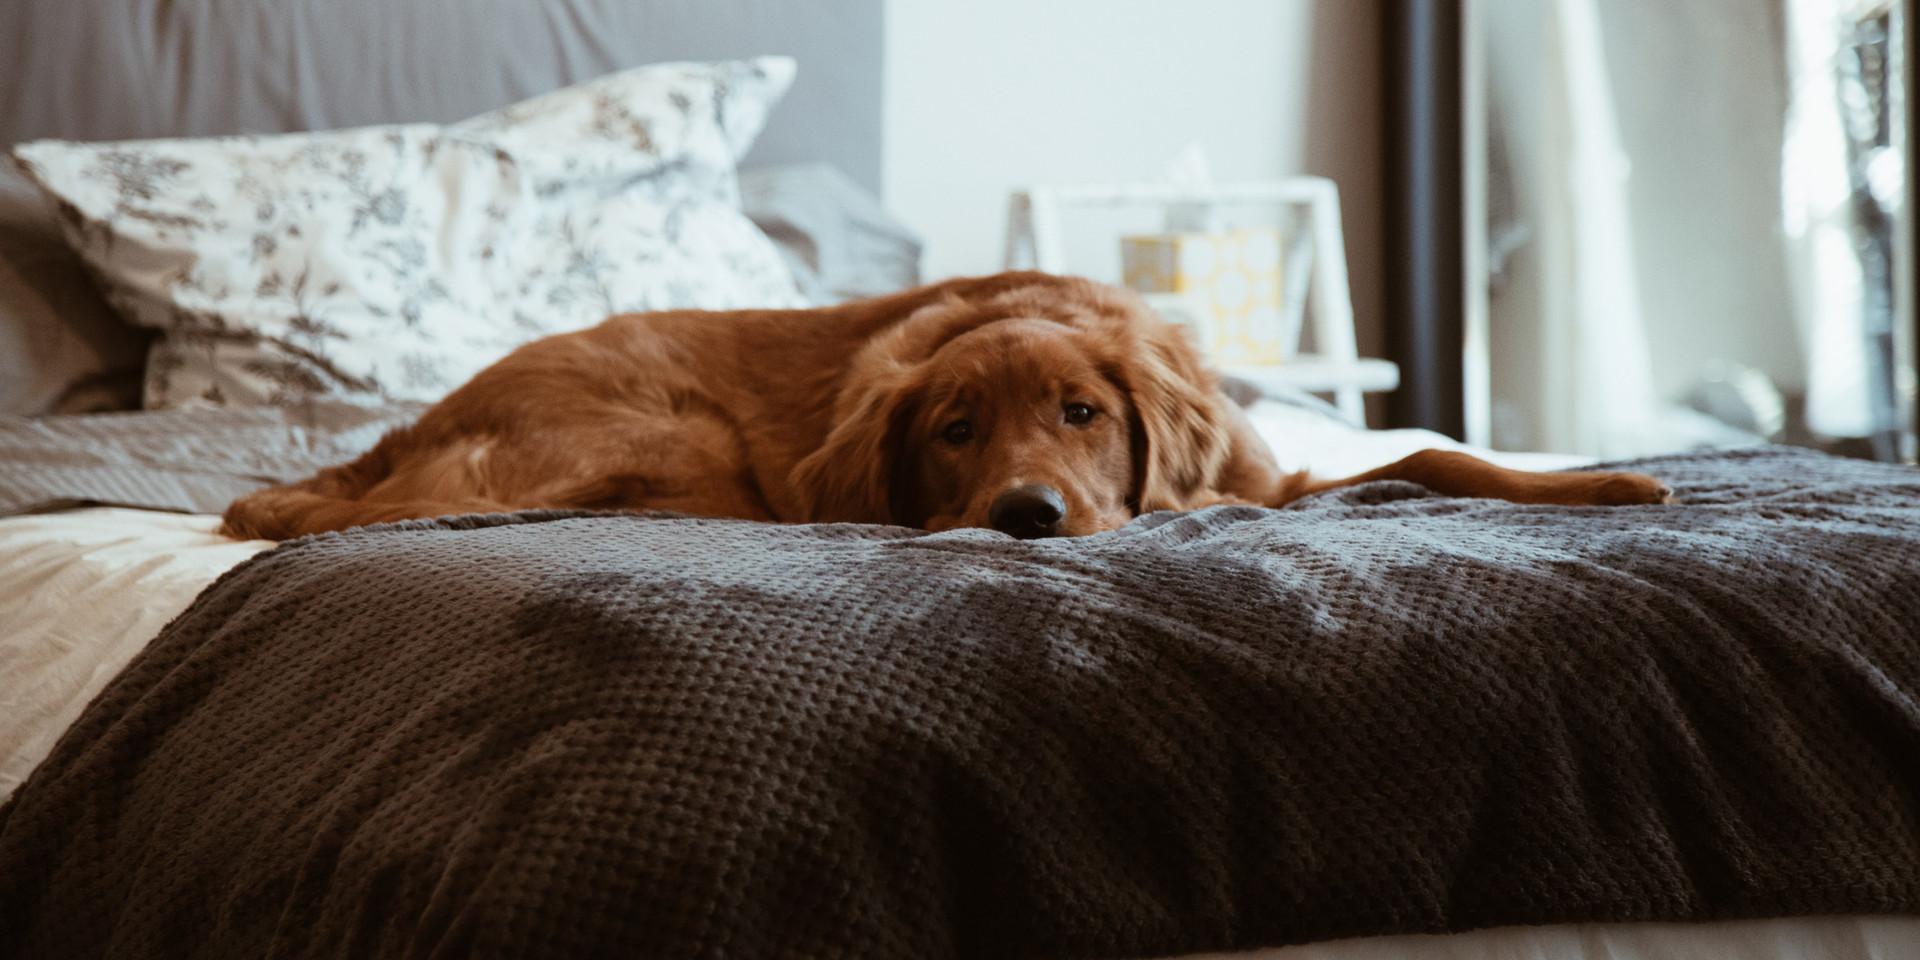 Husdjur som mår bra och är väl omhändertagna bidrar till att skapa en positiv energi i ditt hem.